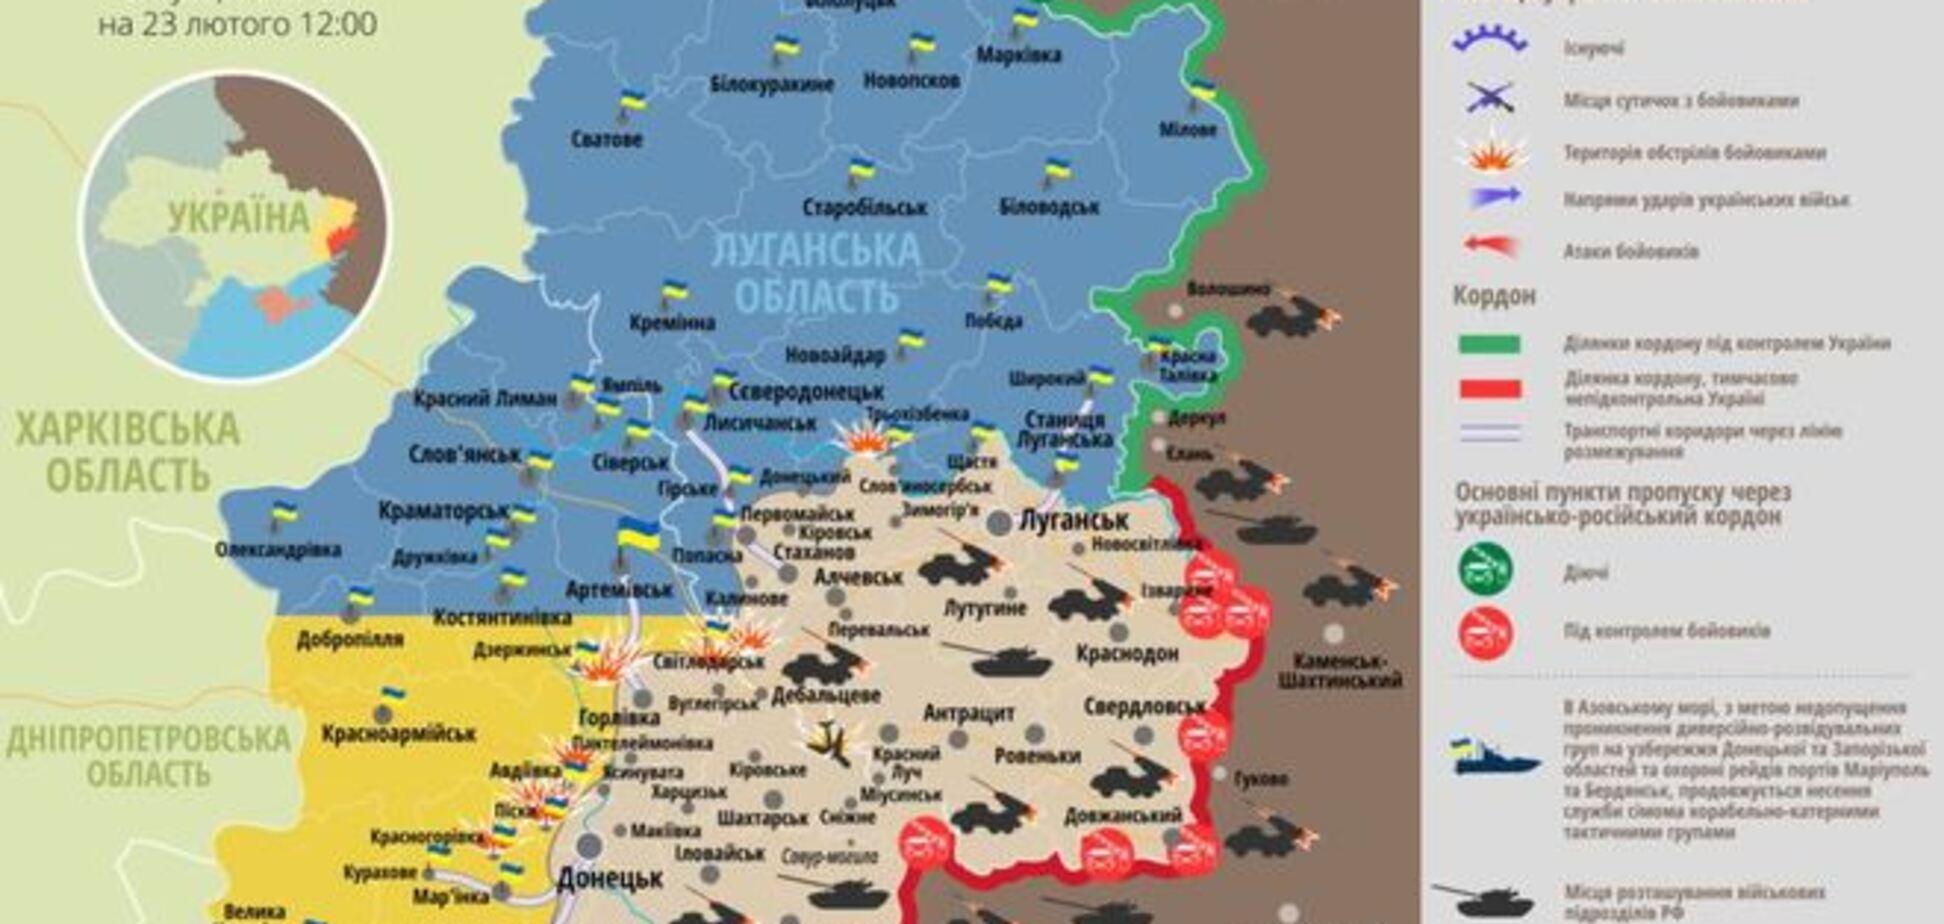 Террористы применяют оружие, захваченное Россией в Крыму: карта АТО